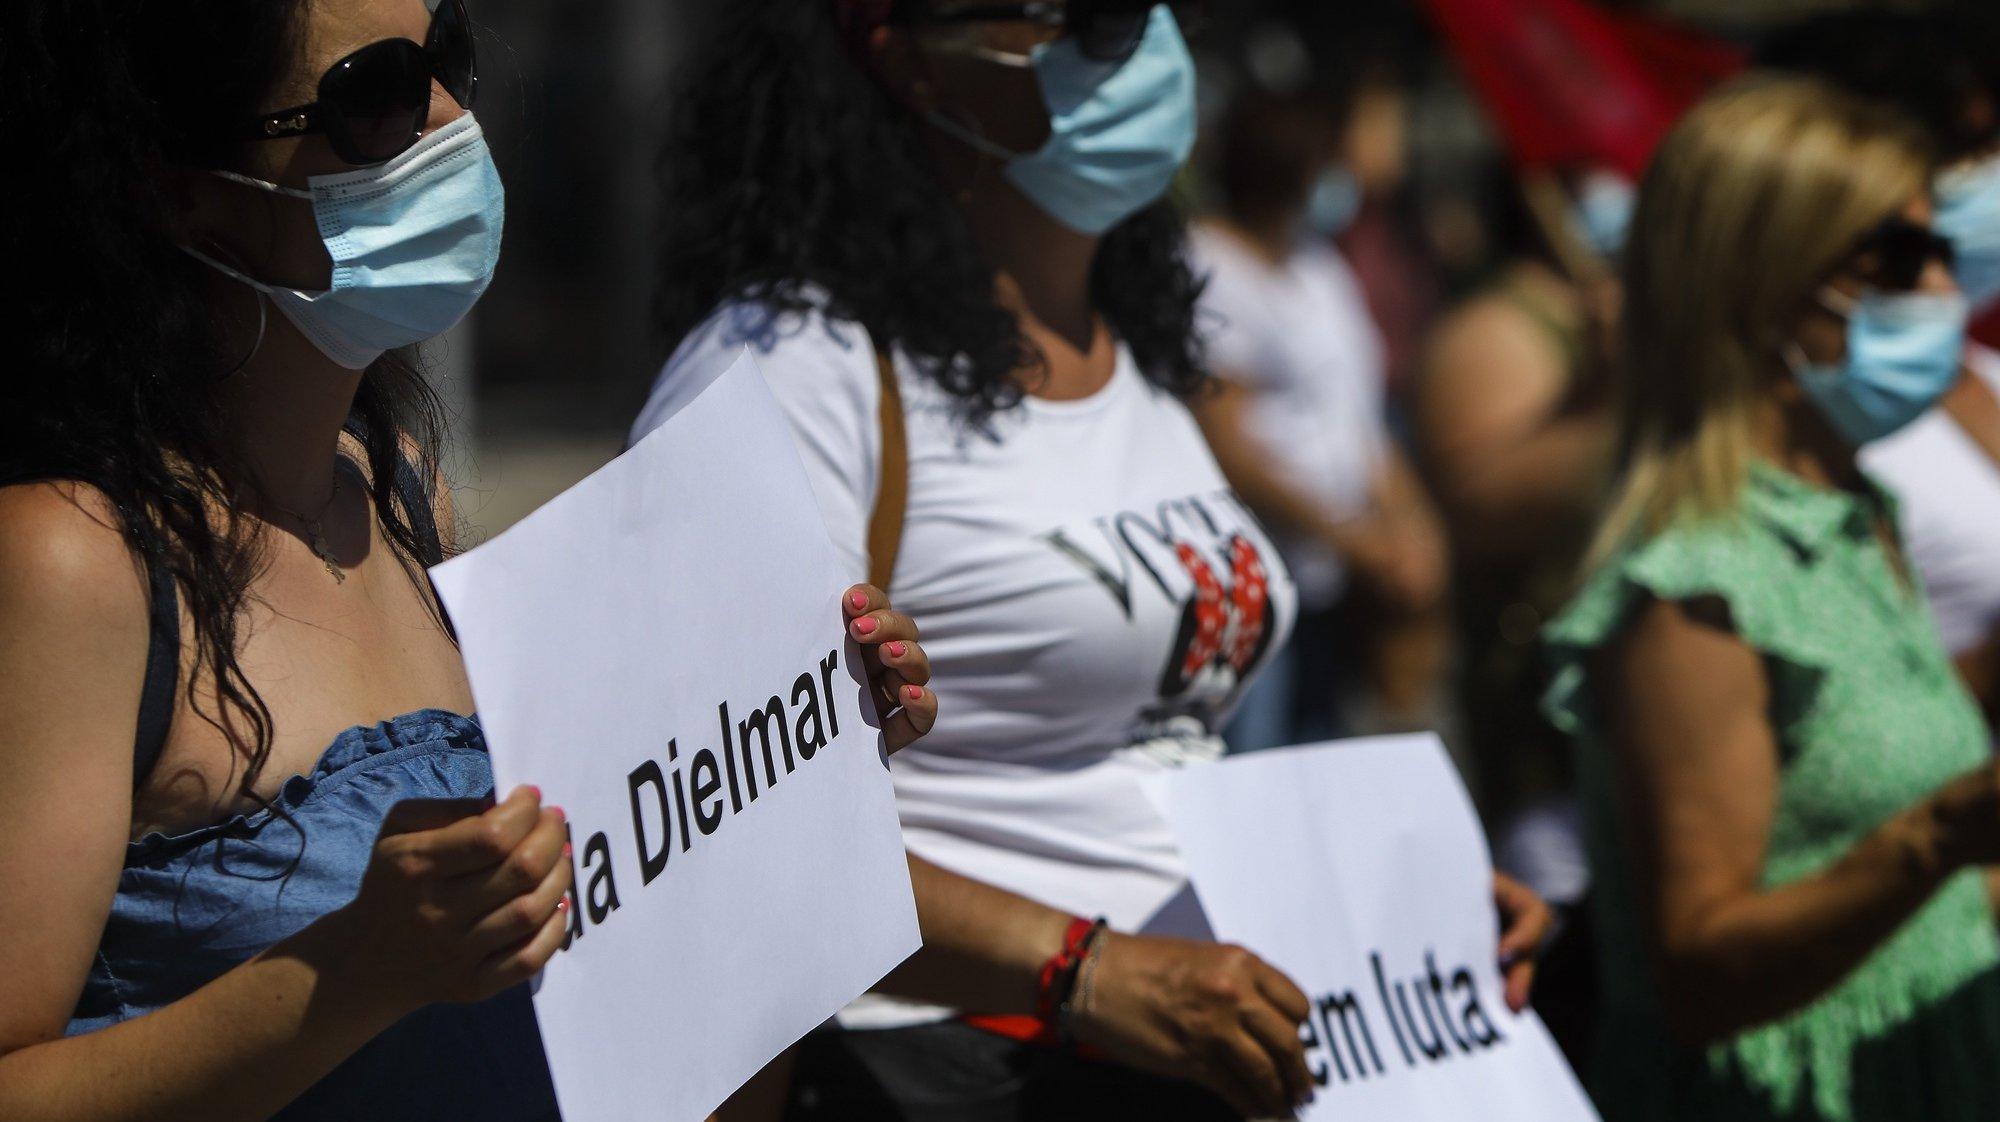 Concentração de trabalhadores da Dielmar convocada pelo Sindicato dos Trabalhadores do Setor Têxtil da Beira Baixa, após o pedido de insolvência da empresa têxtil, Castelo Branco, 9 de agosto de 2021. A empresa Dielmar, com sede em Alcains e cerca de 300 trabalhadores, pediu a insolvência ao fim de 56 anos de atividade, uma decisão que a administração atribui aos efeitos da pandemia de covid-19. PEDRO REIS MARTINS/LUSA.